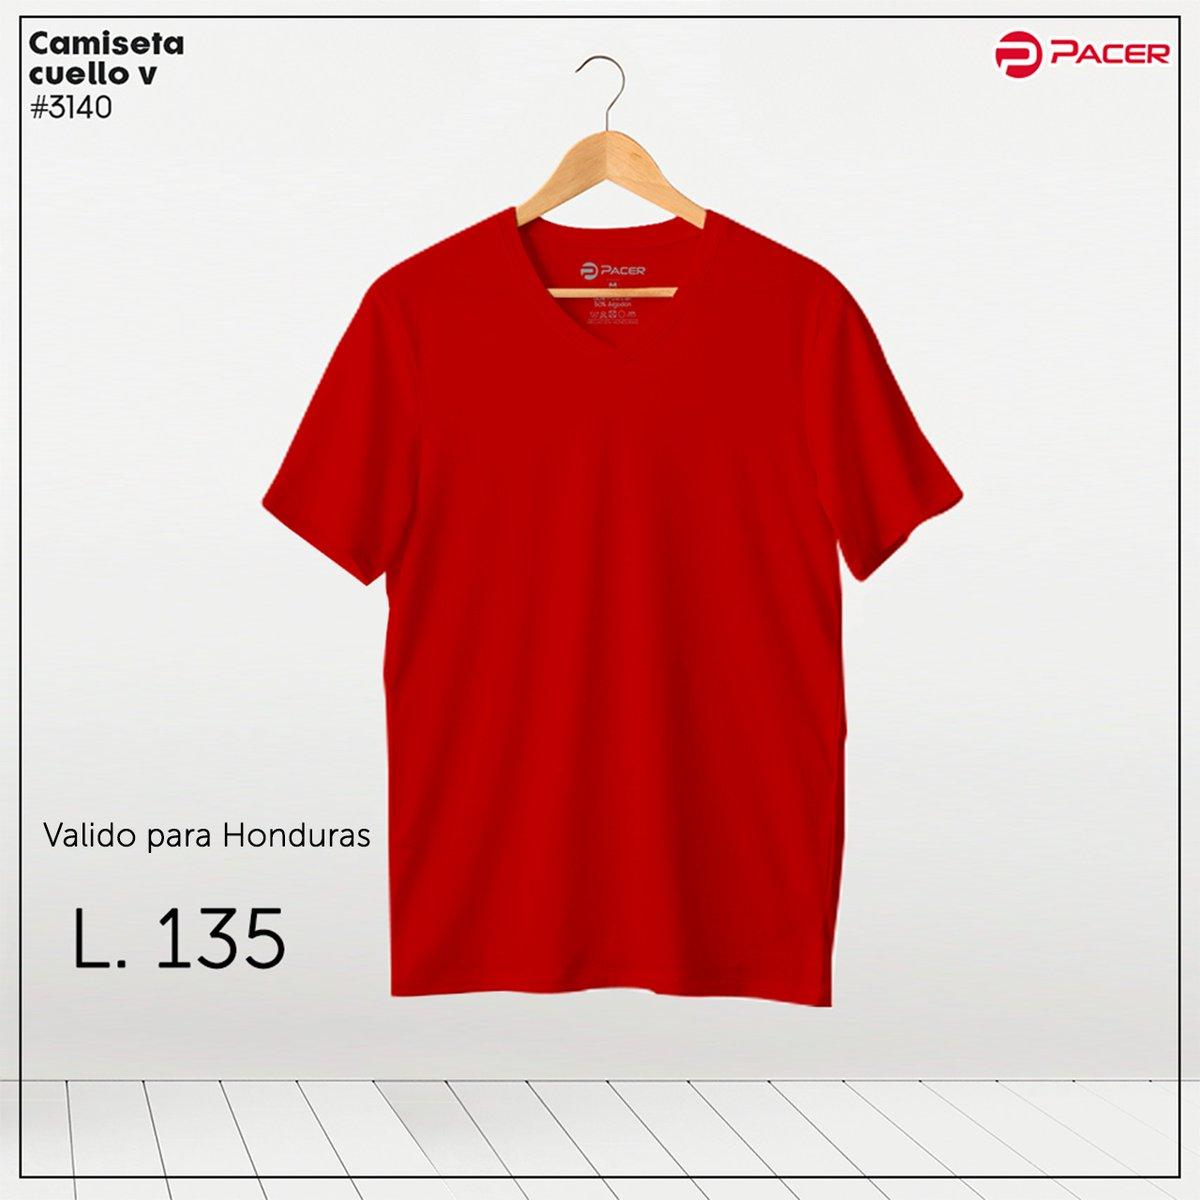 Disfruta las camisas Pacer en tonalidad roja #tiendascarrion https://t.co/odoEu6wUp6